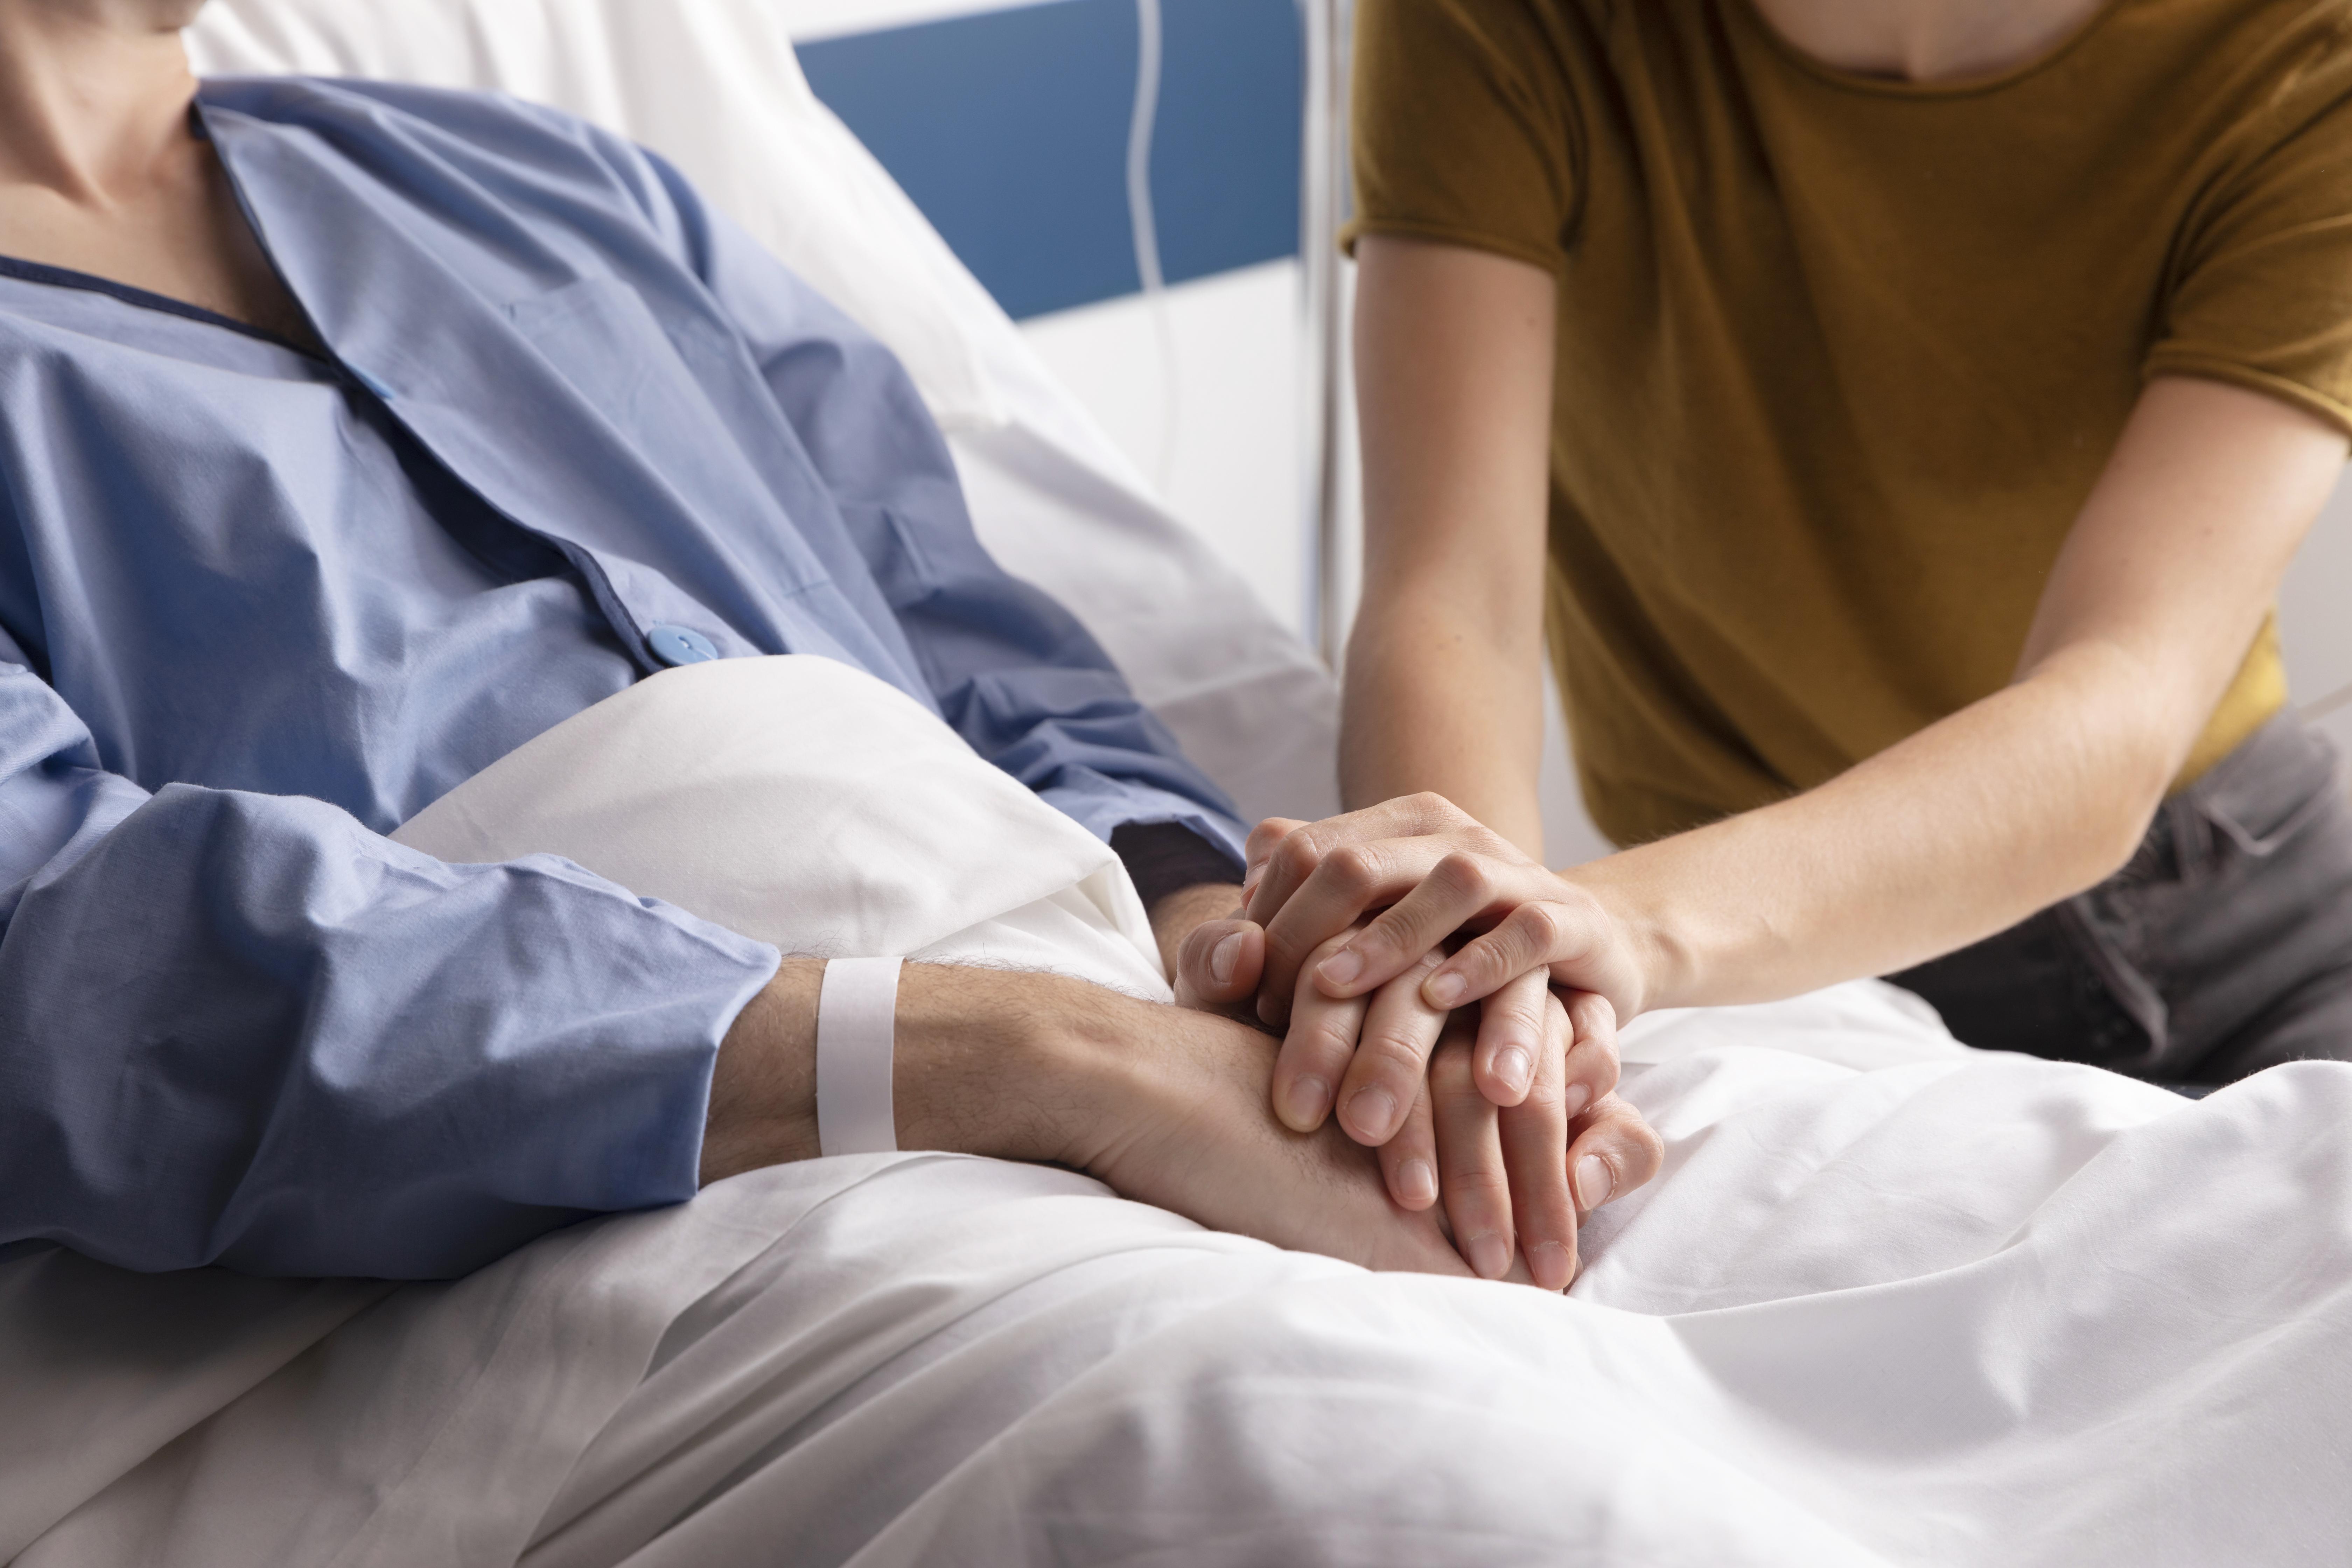 Grün, blau oder gelb: Neue Patienten-«Bändeli» markieren Status